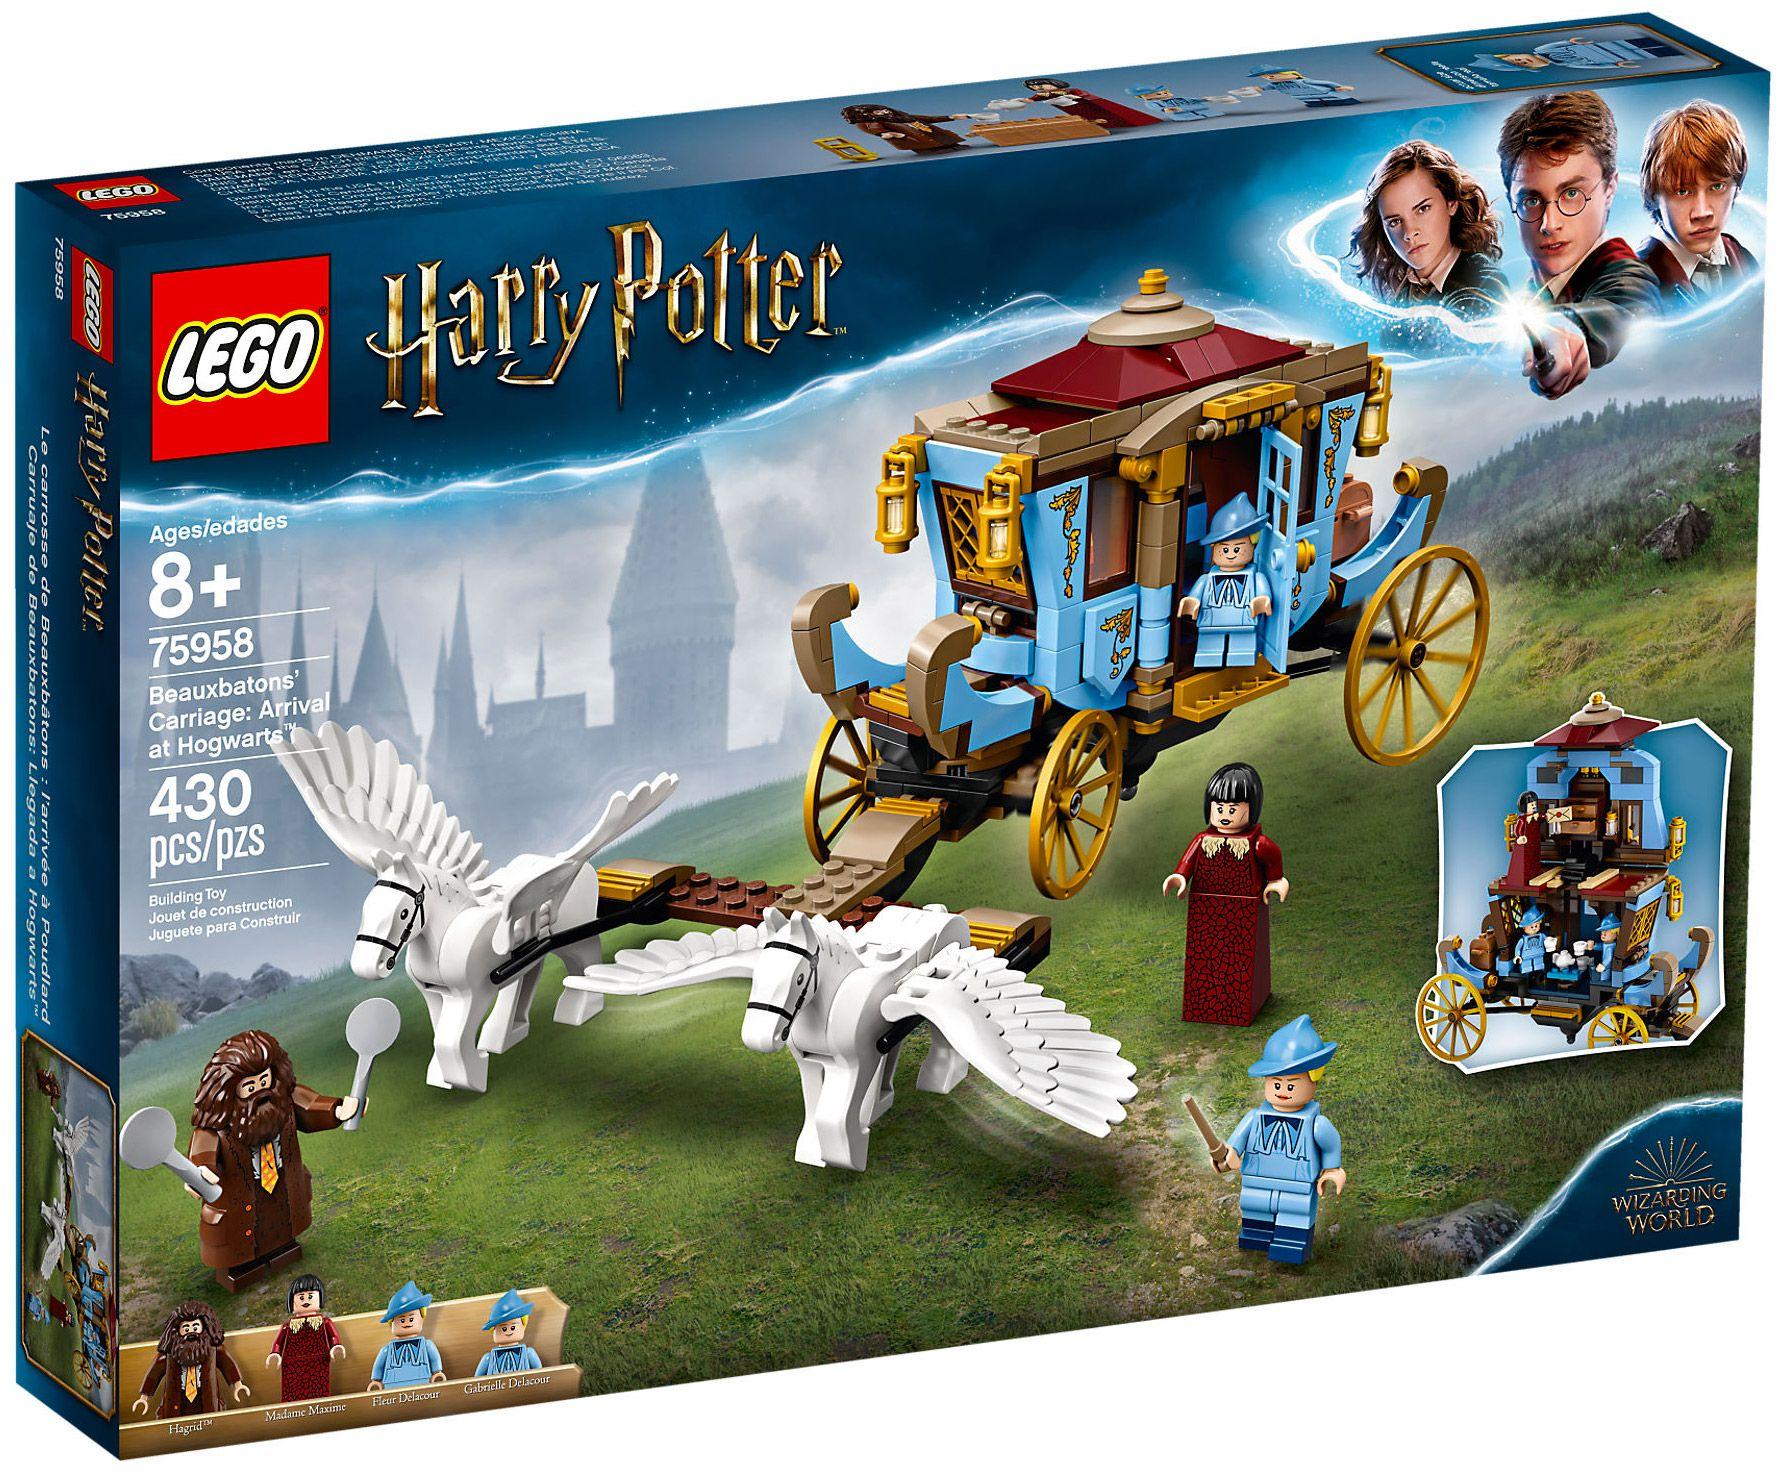 Lego Harry Potter 75958 Pas Cher Le Carrosse De Beauxbatons L Arrivee A Poudlard Harry Potter Lego Sets Lego Harry Potter Harry Potter Set